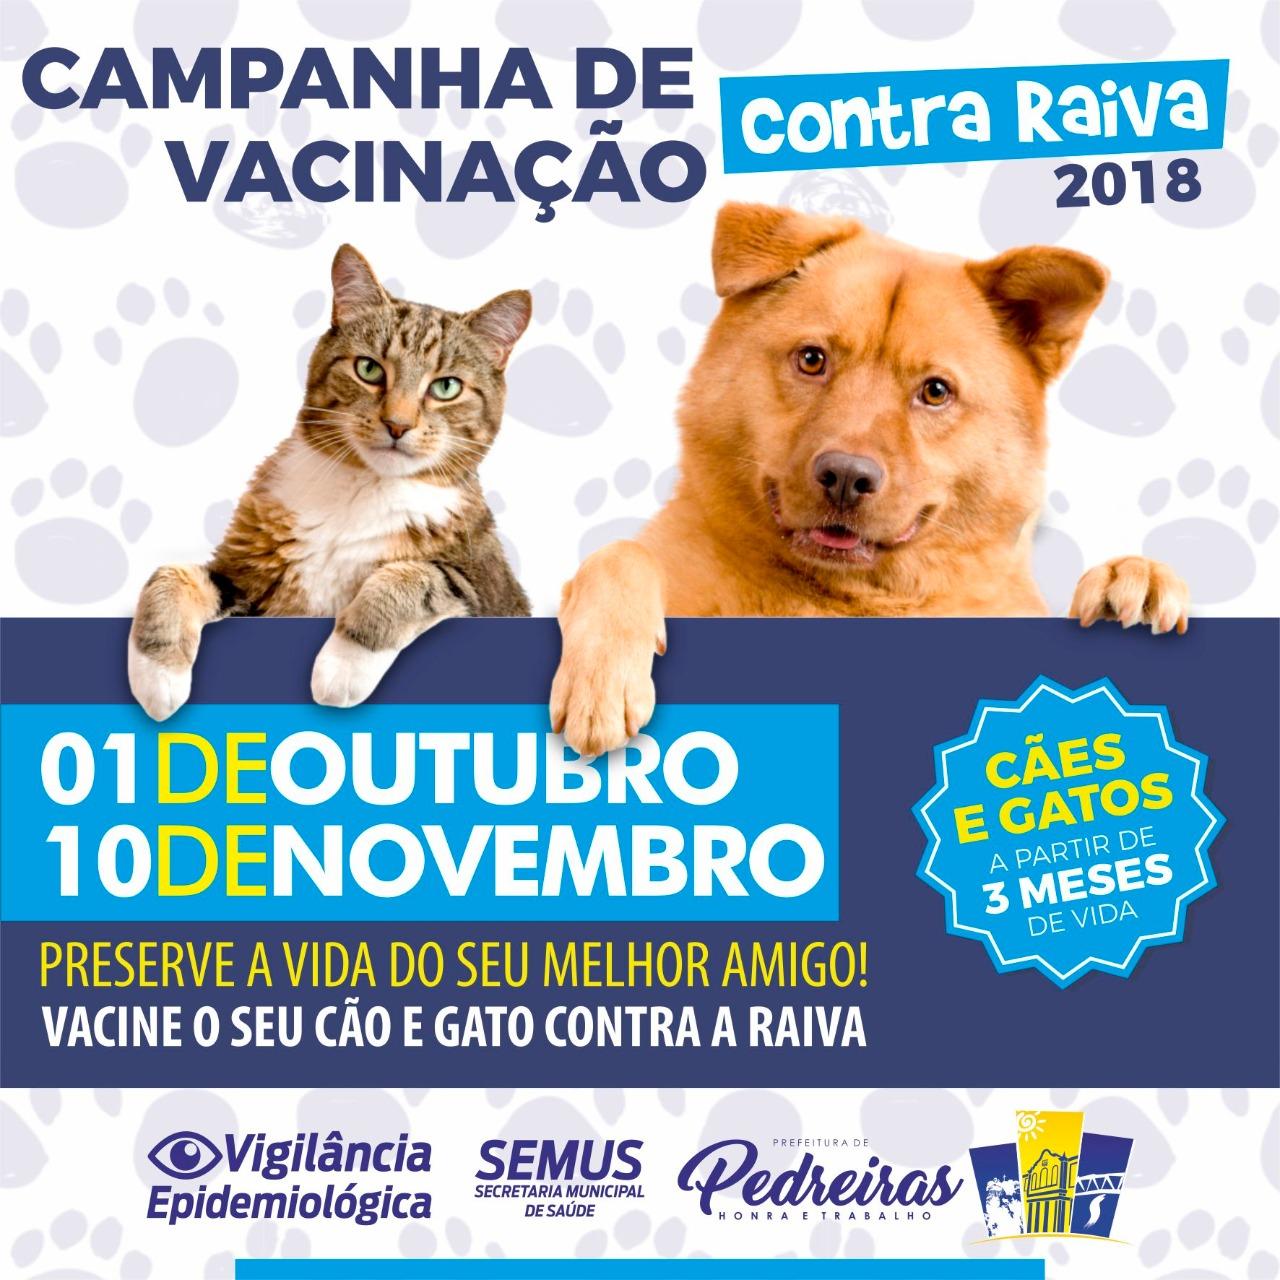 CAMPANHA DE VACINAÇÃO CONTRA RAIVA